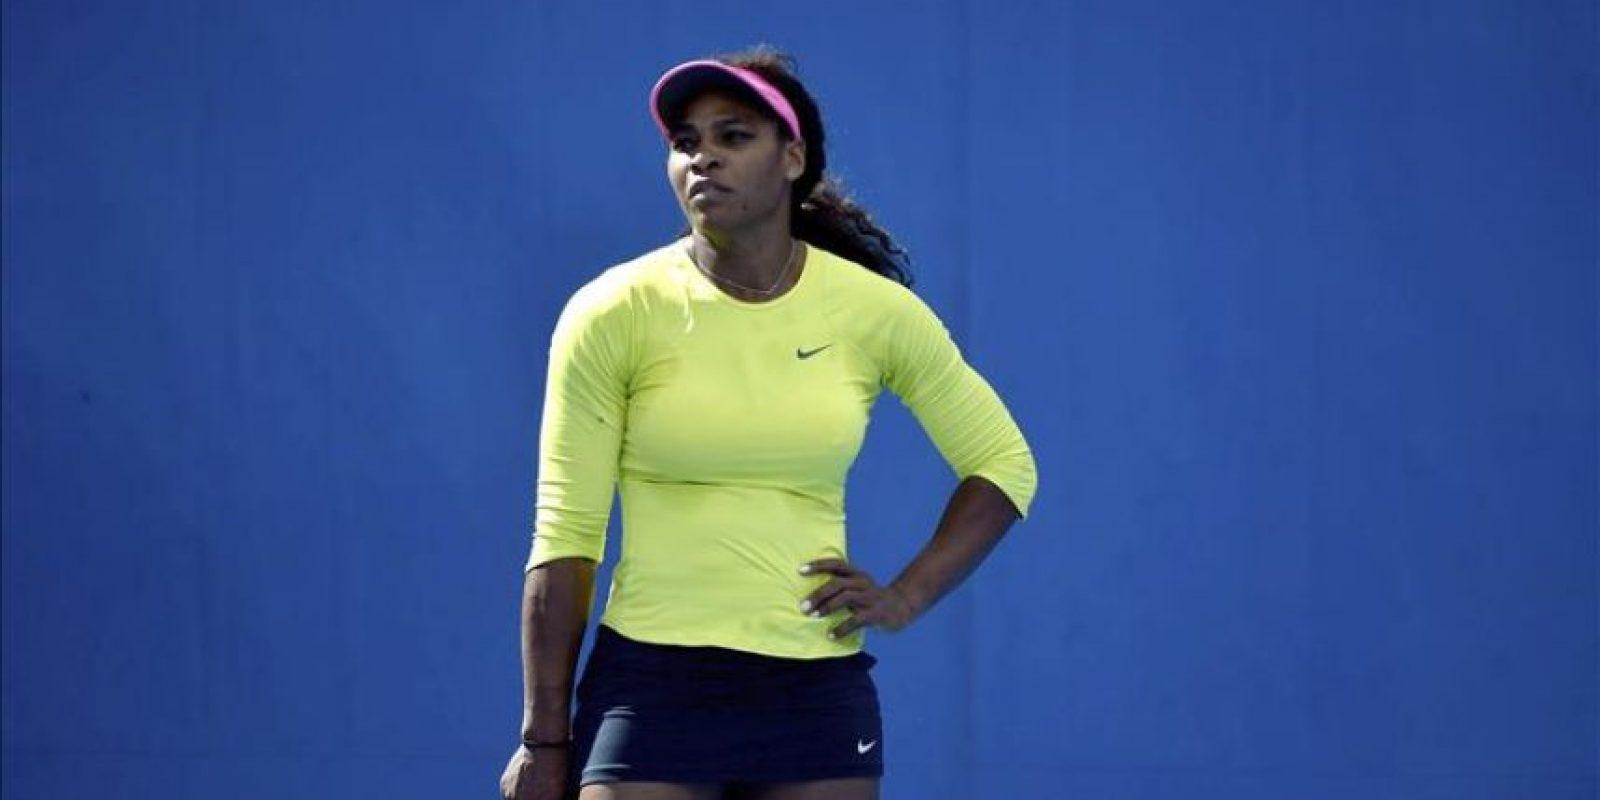 La tenista estadounidense Serena Williams entrena para la final del Abierto de Australia contra la rusa Maria Sharapova en Melbourne (Australia) hoy, viernes 30 de enero de 2015. EFE